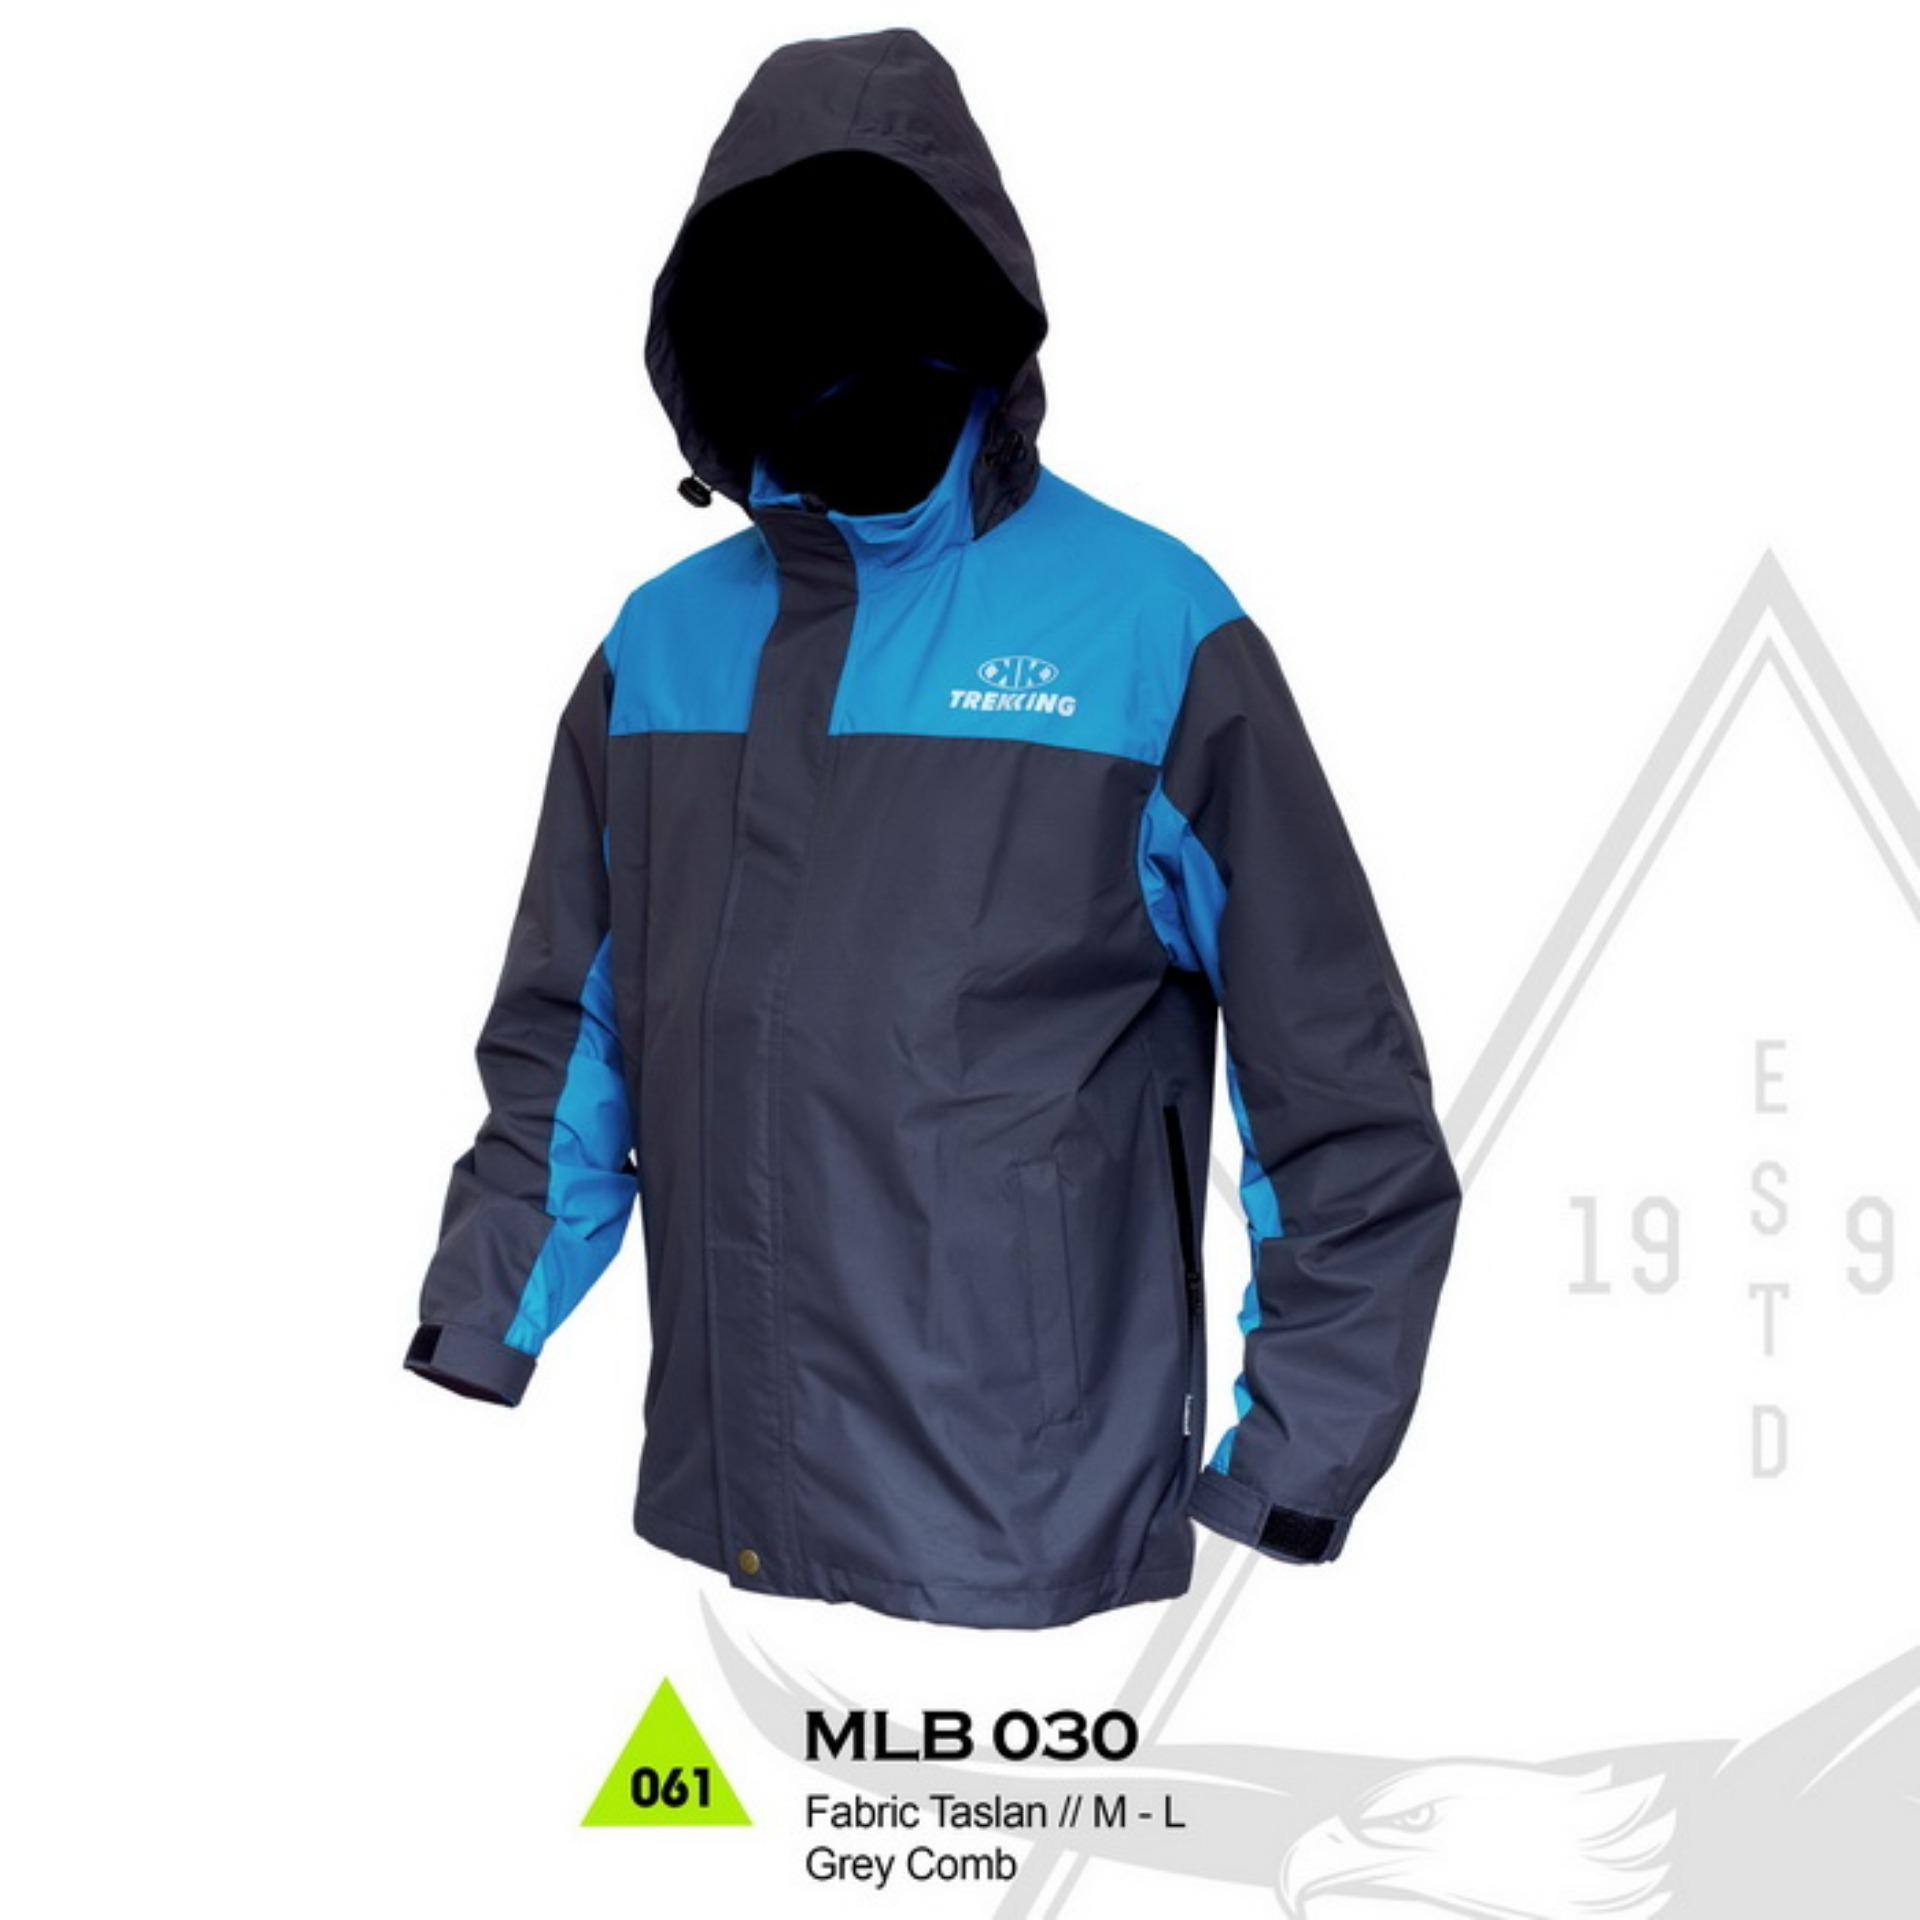 Jaket Gunung Outdoor Murah Berkualitas